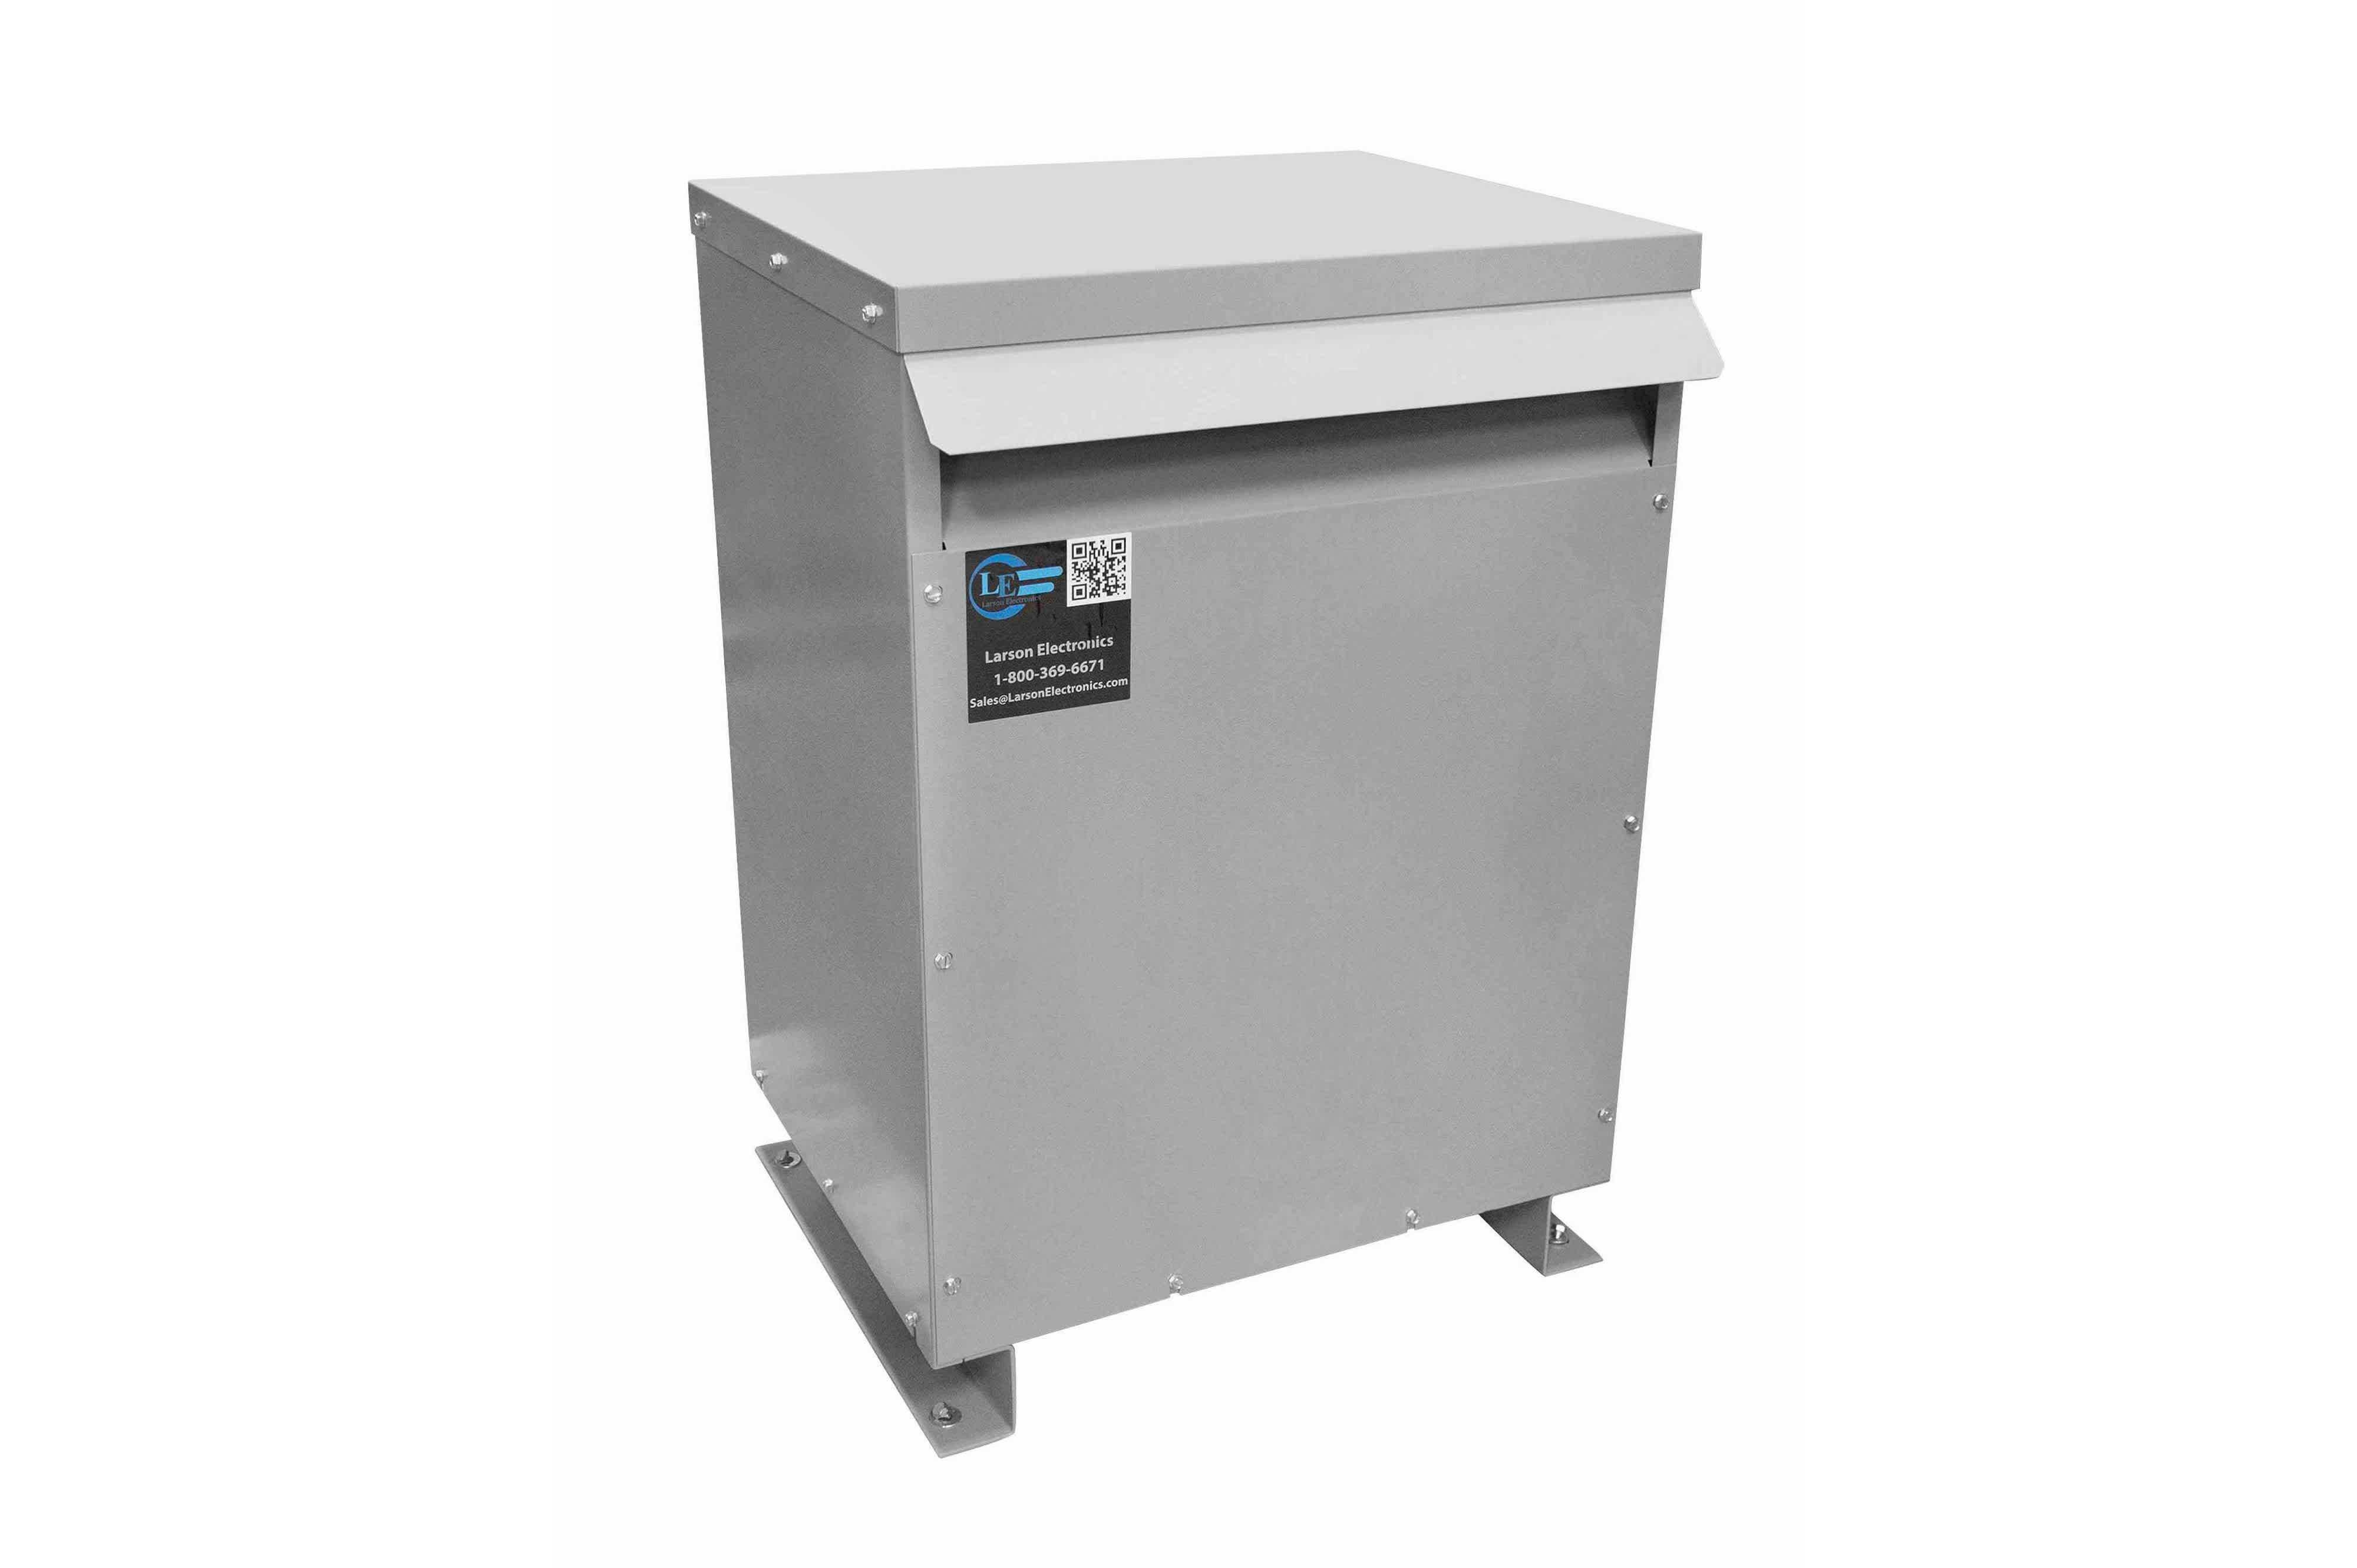 32.5 kVA 3PH Isolation Transformer, 460V Delta Primary, 380V Delta Secondary, N3R, Ventilated, 60 Hz